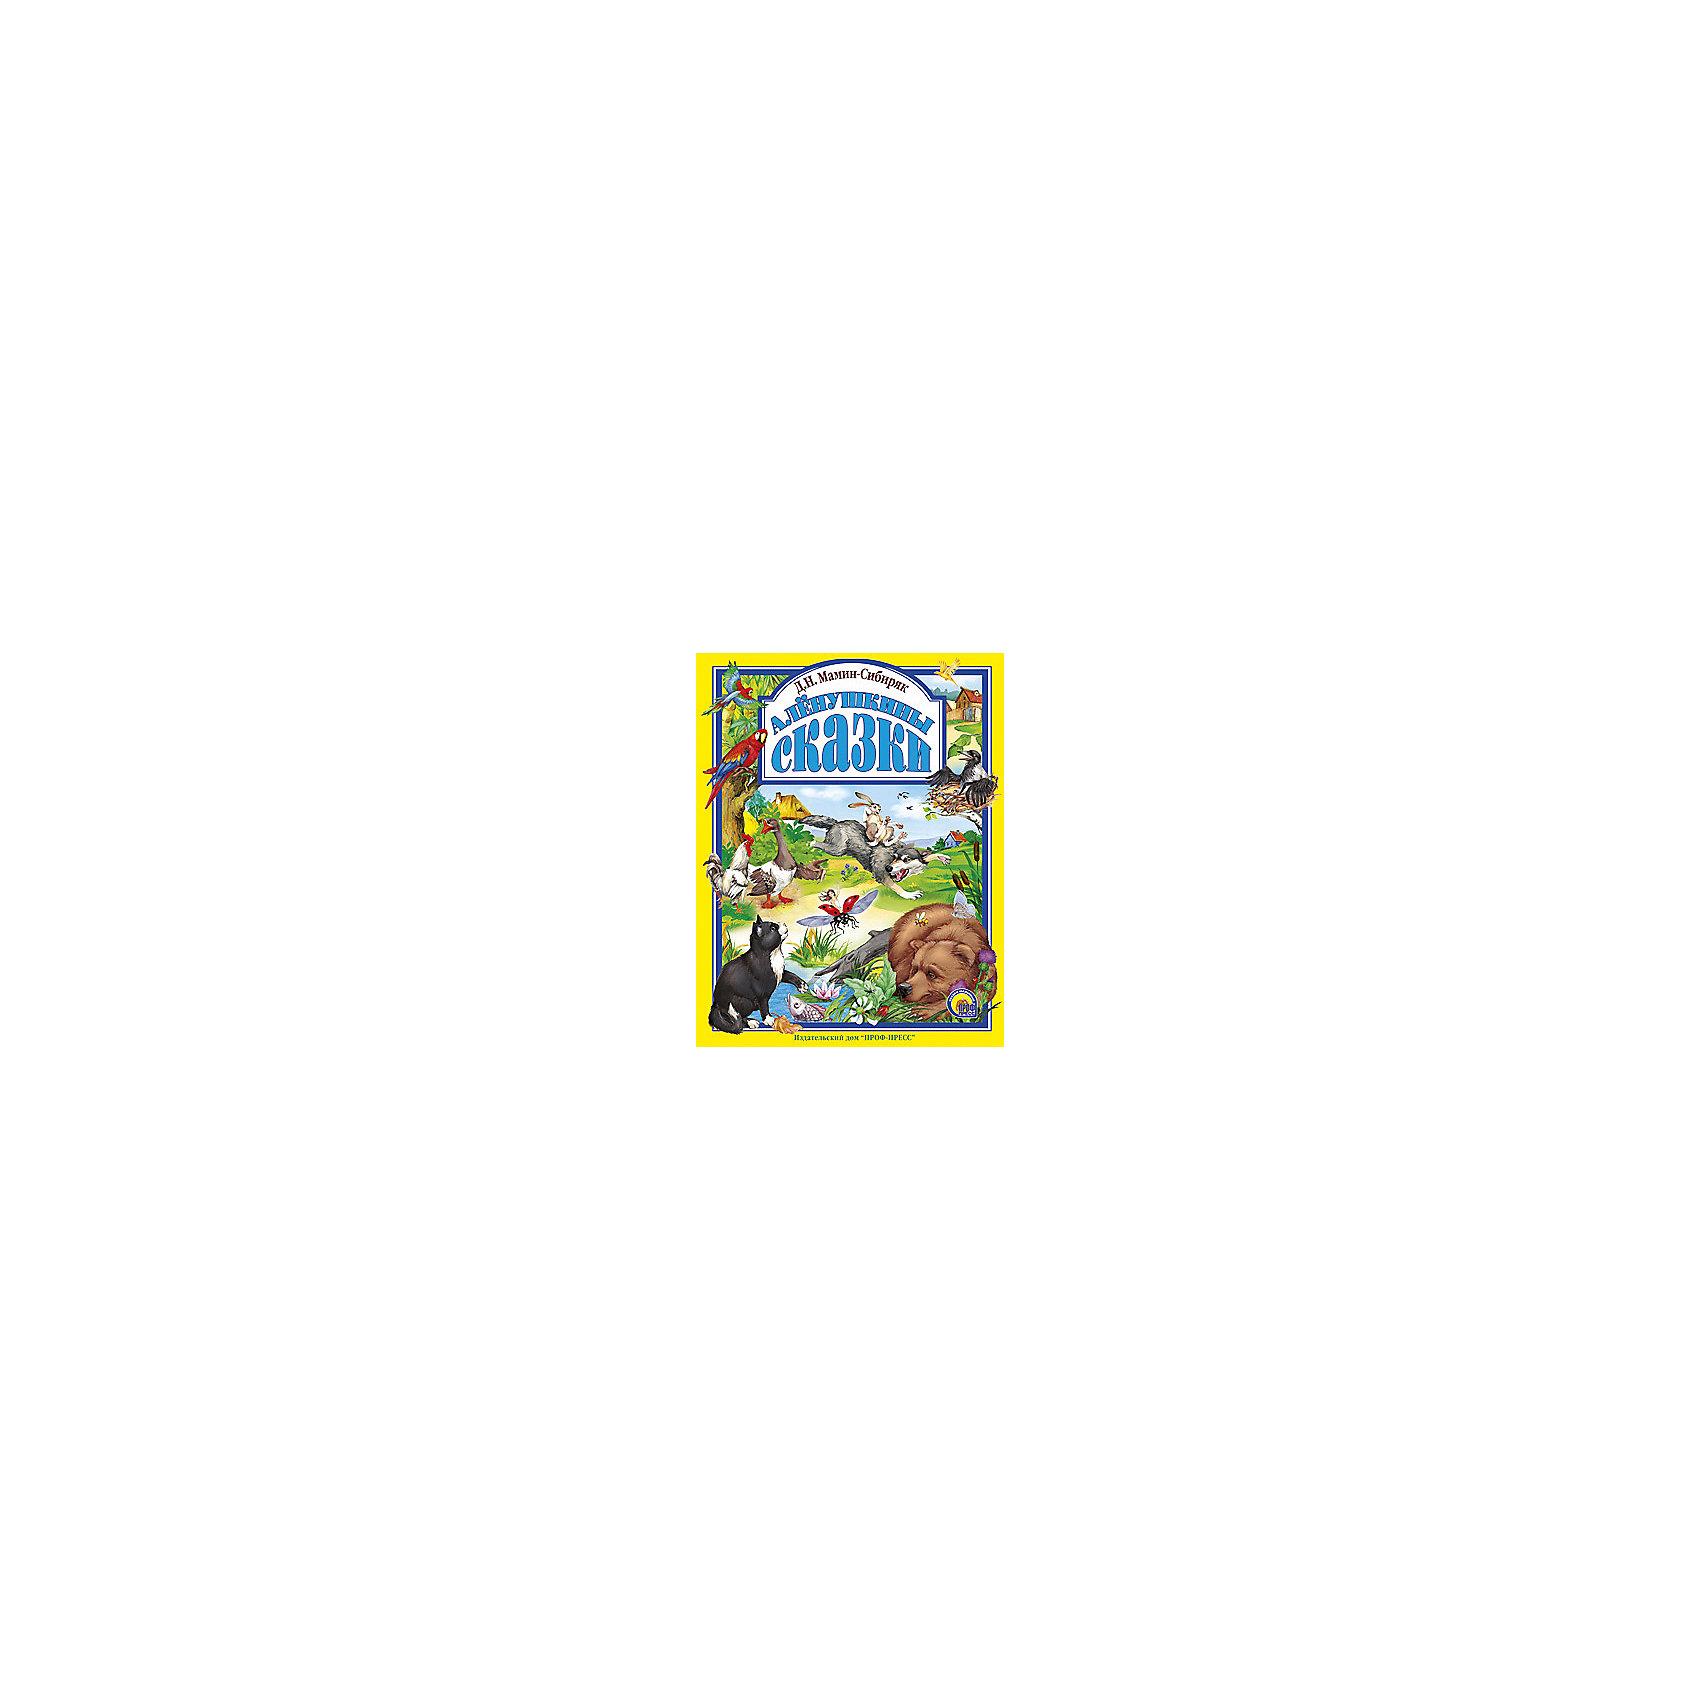 Аленушкины сказкиАленушкины сказки - сборник лучших произведений Д.Н. Мамина-Сибиряка. Все сказки были с любовью написаны для маленькой дочки автора - Аленушки. В книге вы найдете любимые с детства произведения: Сказочка про Козявочку, Умнее всех и многие другие. Познакомьте малыша с волшебным и удивительным миром животных и природы!<br>Дополнительная информация:<br>Издательство: Проф-Пресс<br>Год выпуска: 2016<br>Автор: Д.Н. Мамин-Сибиряк<br>Серия: Любимые сказки<br>Обложка: твердый переплет<br>Иллюстрации: цветные<br>Количество страниц: 144<br>ISBN:978-5-378-02802-3<br>Размер: 26,5х1,3х20 см<br>Вес: 440 грамм<br>Книгу Аленушкины сказки можно купить в нашем интернет-магазине.<br><br>Ширина мм: 200<br>Глубина мм: 13<br>Высота мм: 265<br>Вес г: 440<br>Возраст от месяцев: 0<br>Возраст до месяцев: 36<br>Пол: Унисекс<br>Возраст: Детский<br>SKU: 4905907